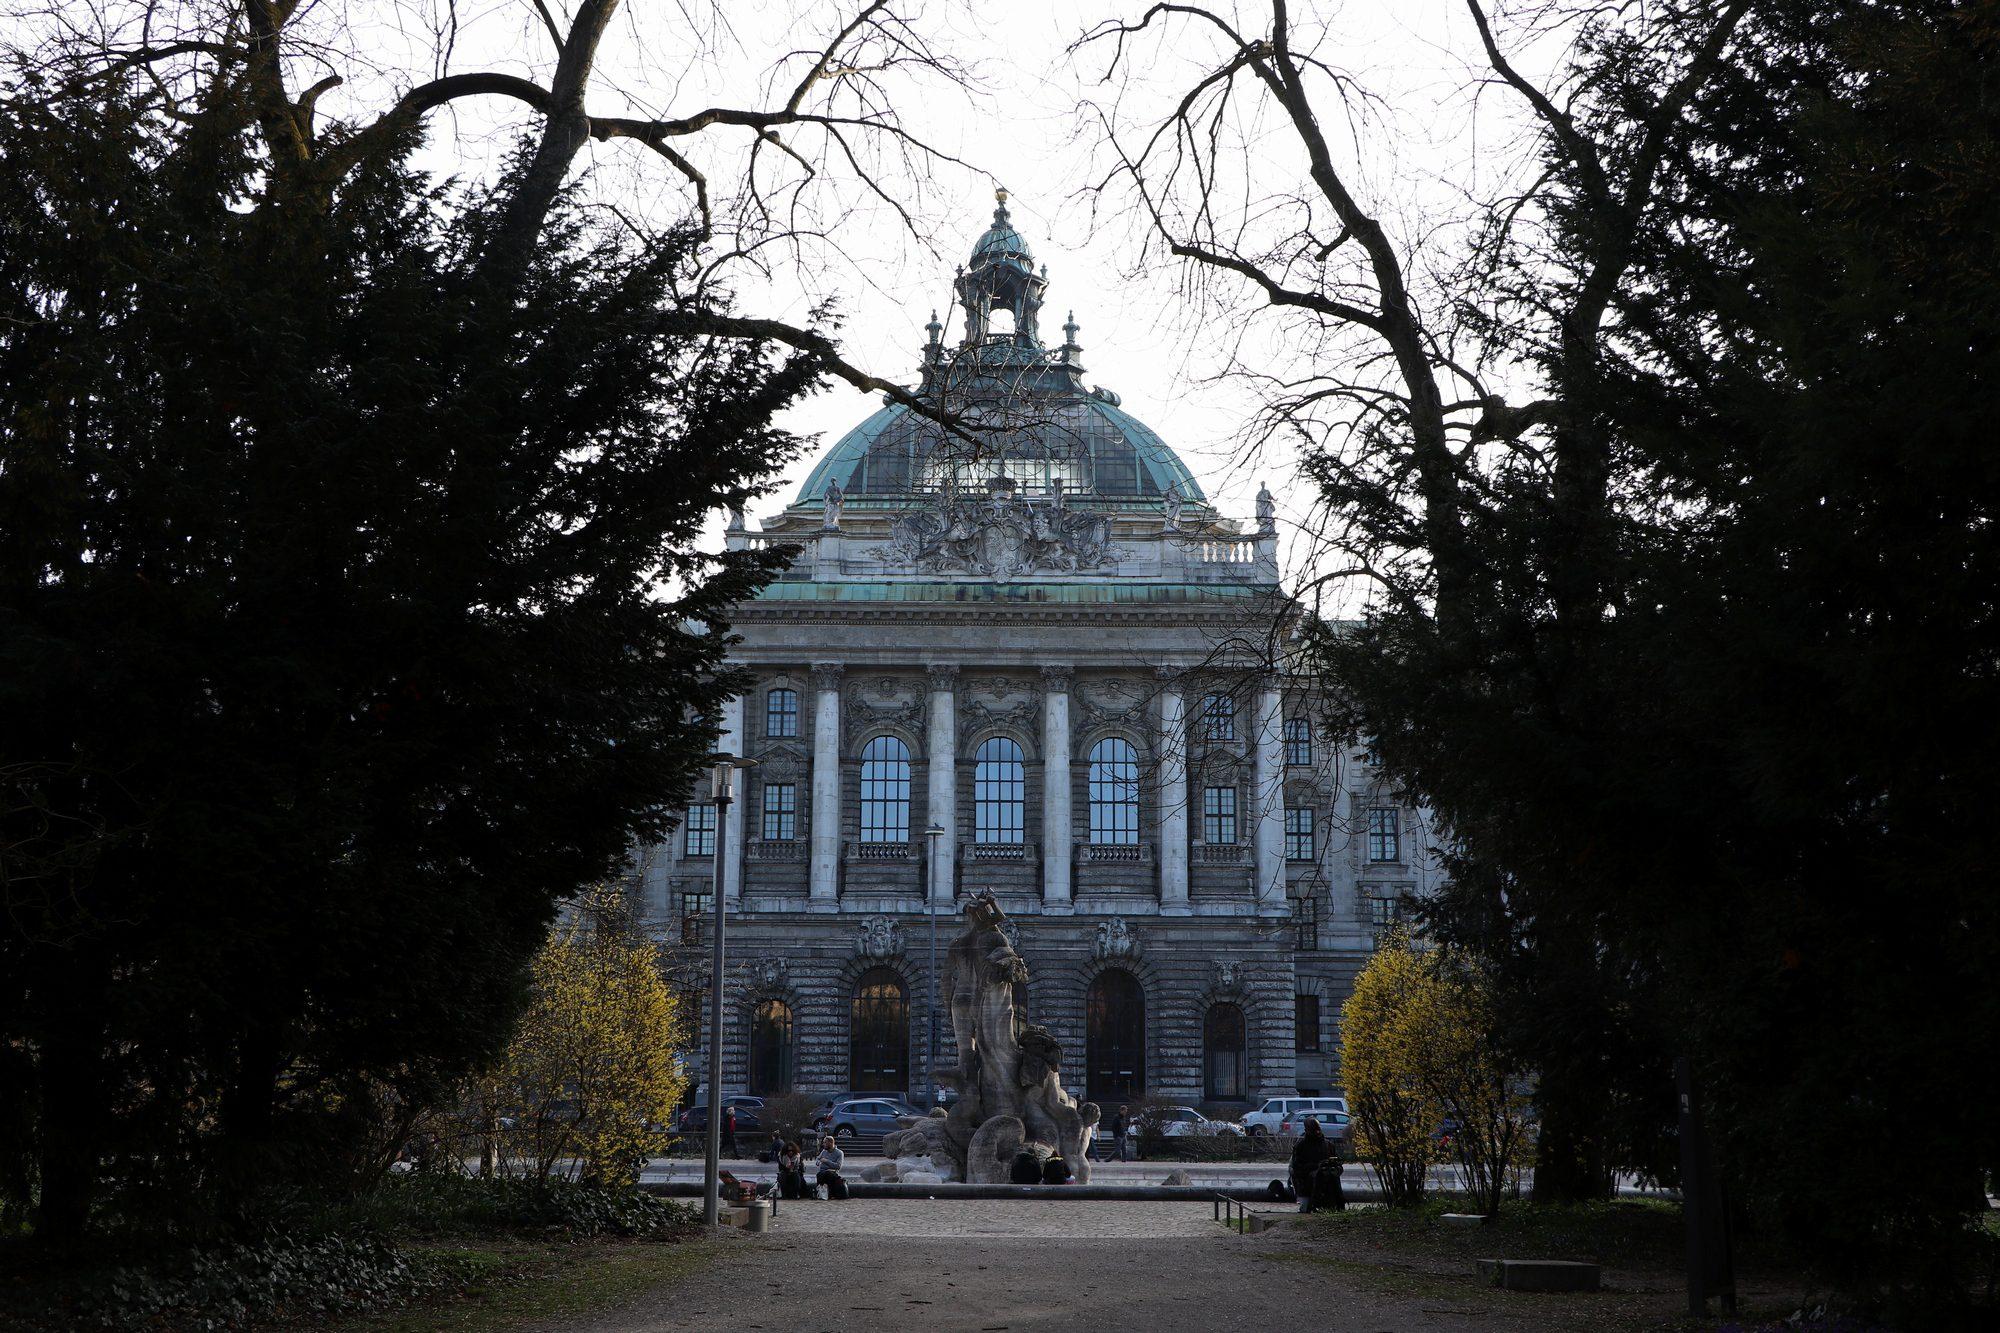 Blick auf den Justizpalast über den alten Botanischen Garten München